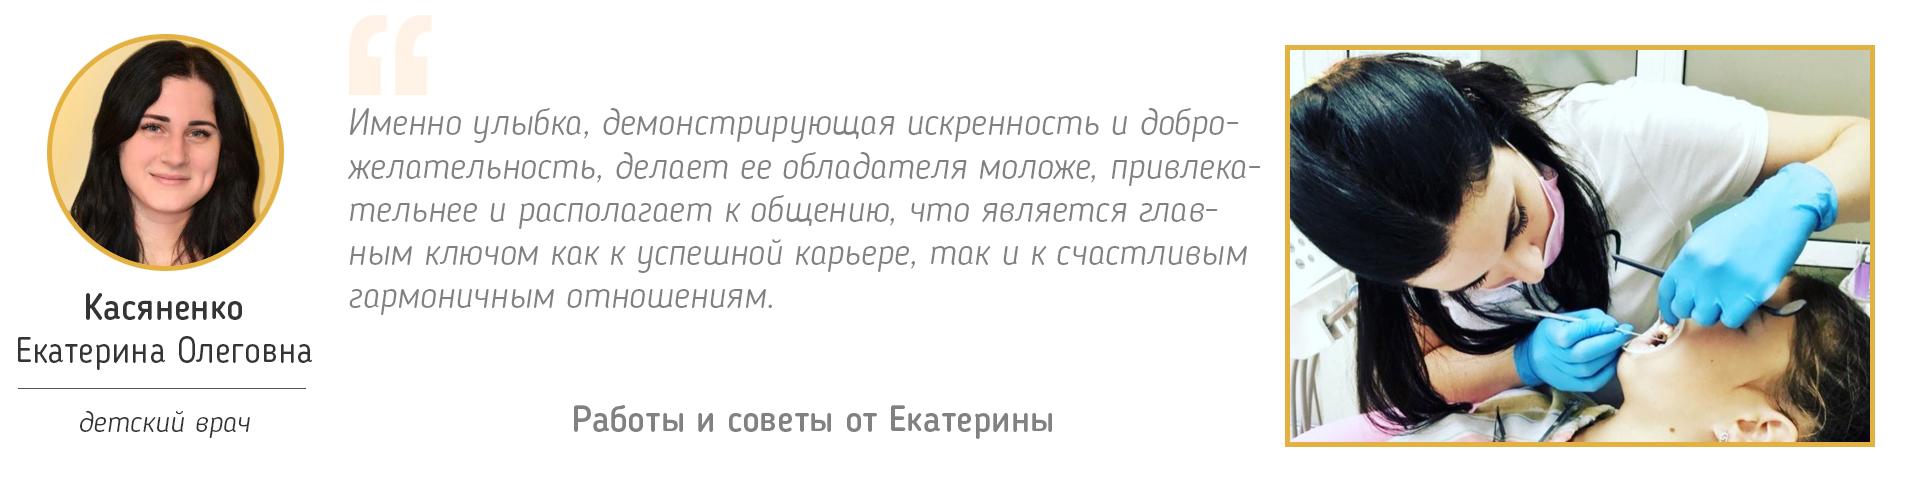 Работы и советы от Екатерины Касяненко, детский врач в стоматологической клинике Святая Ирина